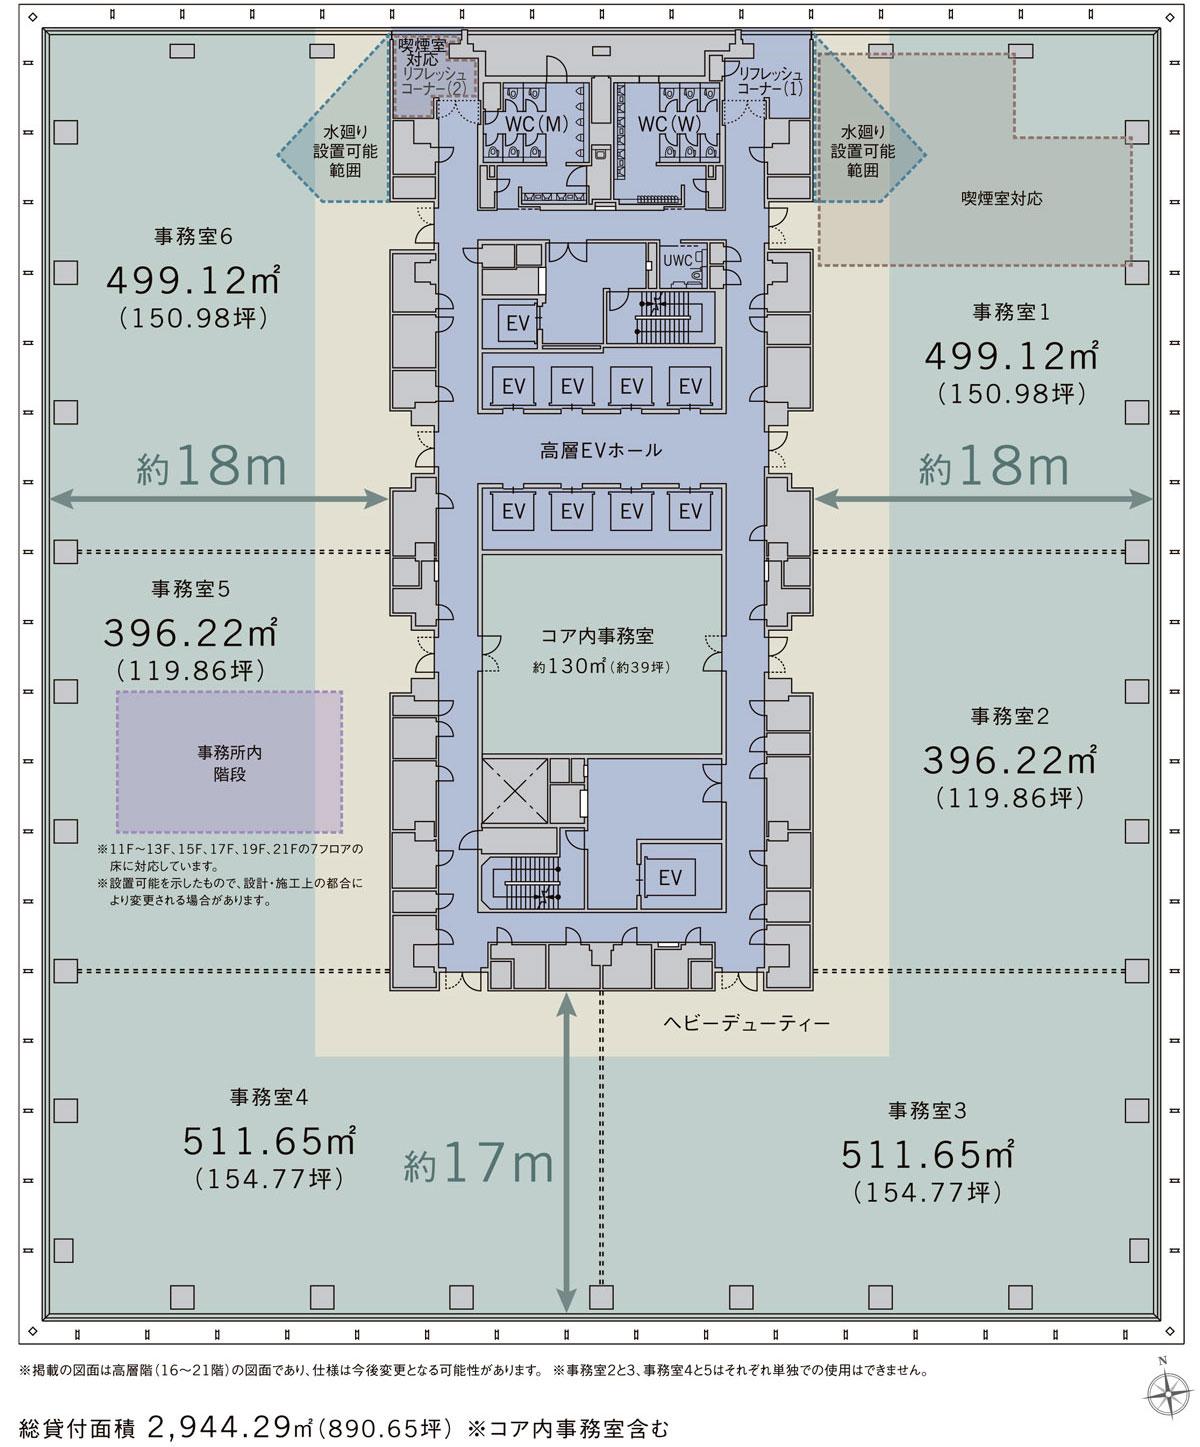 (仮称)神田錦町二丁目計画 高層階(16~21階)平面図